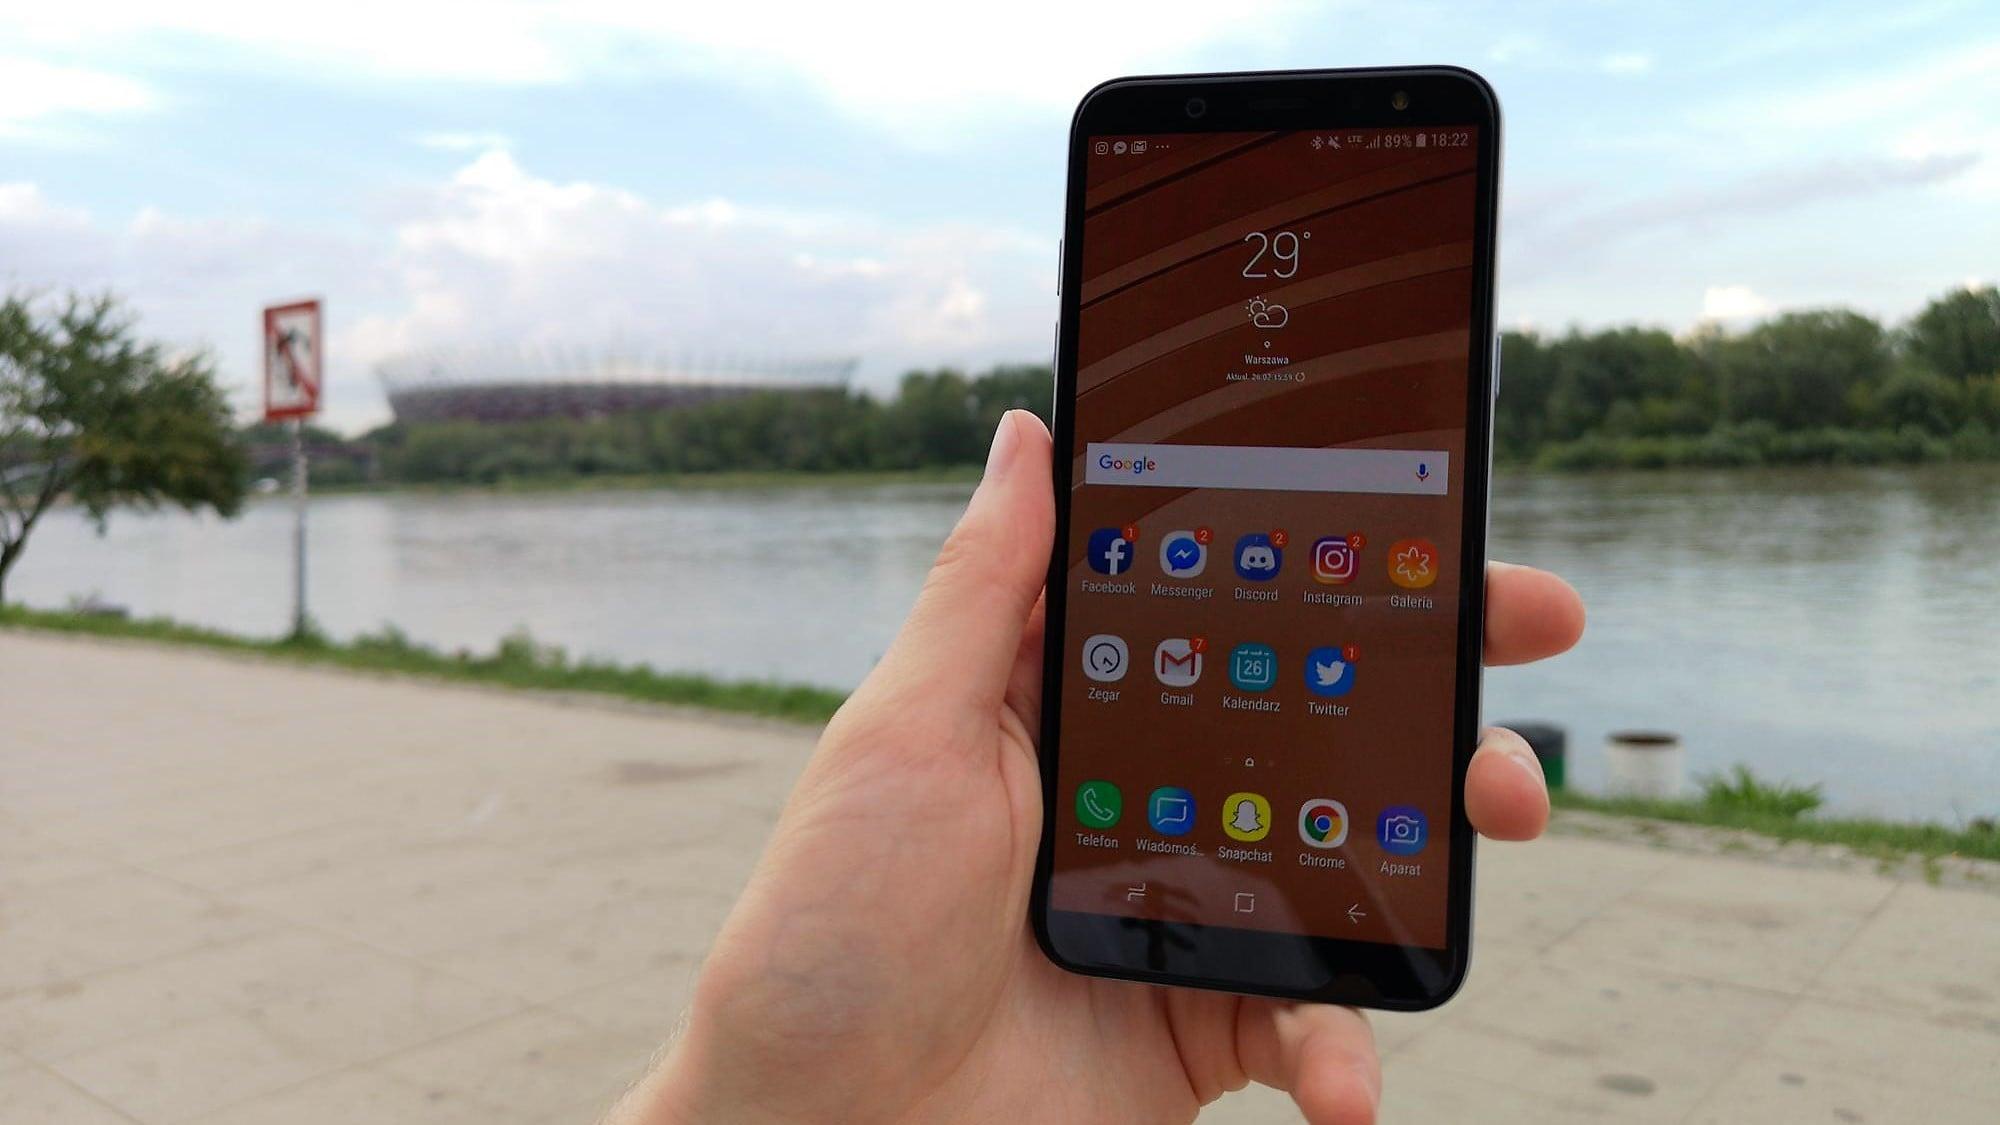 Nowe Samsungi z serii Galaxy A będą miały czytnik linii papilarnych w ekranie i aparaty 3D ToF 25